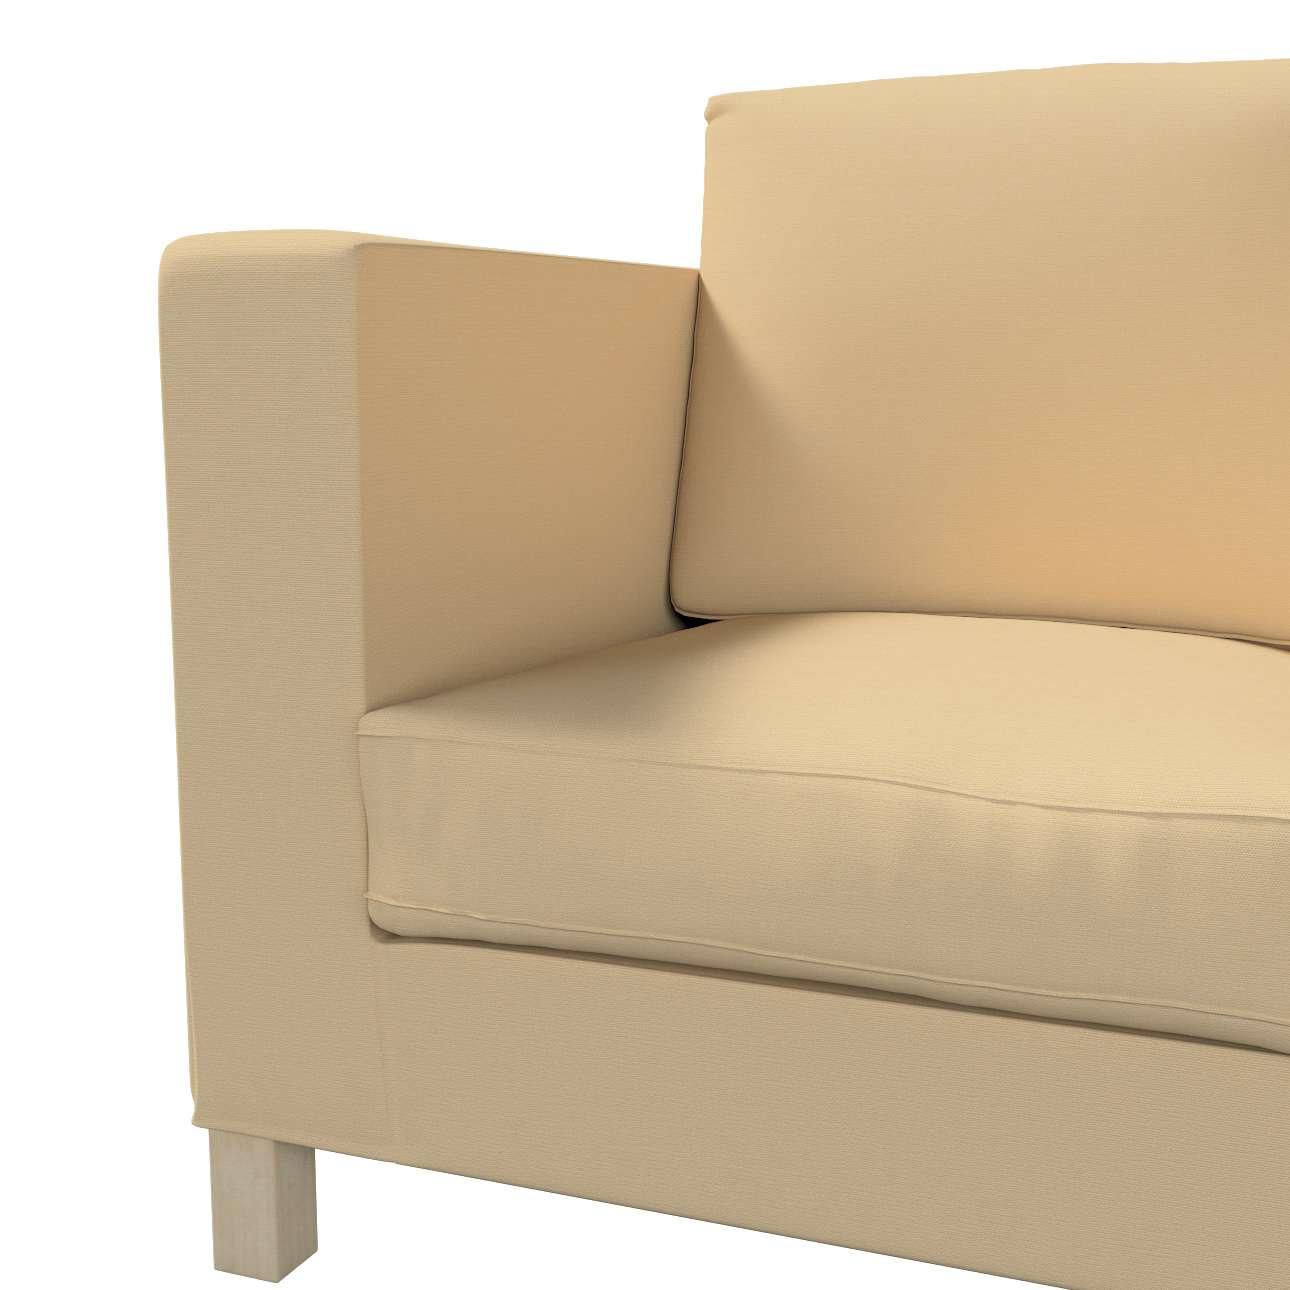 Bezug für Karlanda 3-Sitzer Sofa nicht ausklappbar, kurz von der Kollektion Cotton Panama, Stoff: 702-01